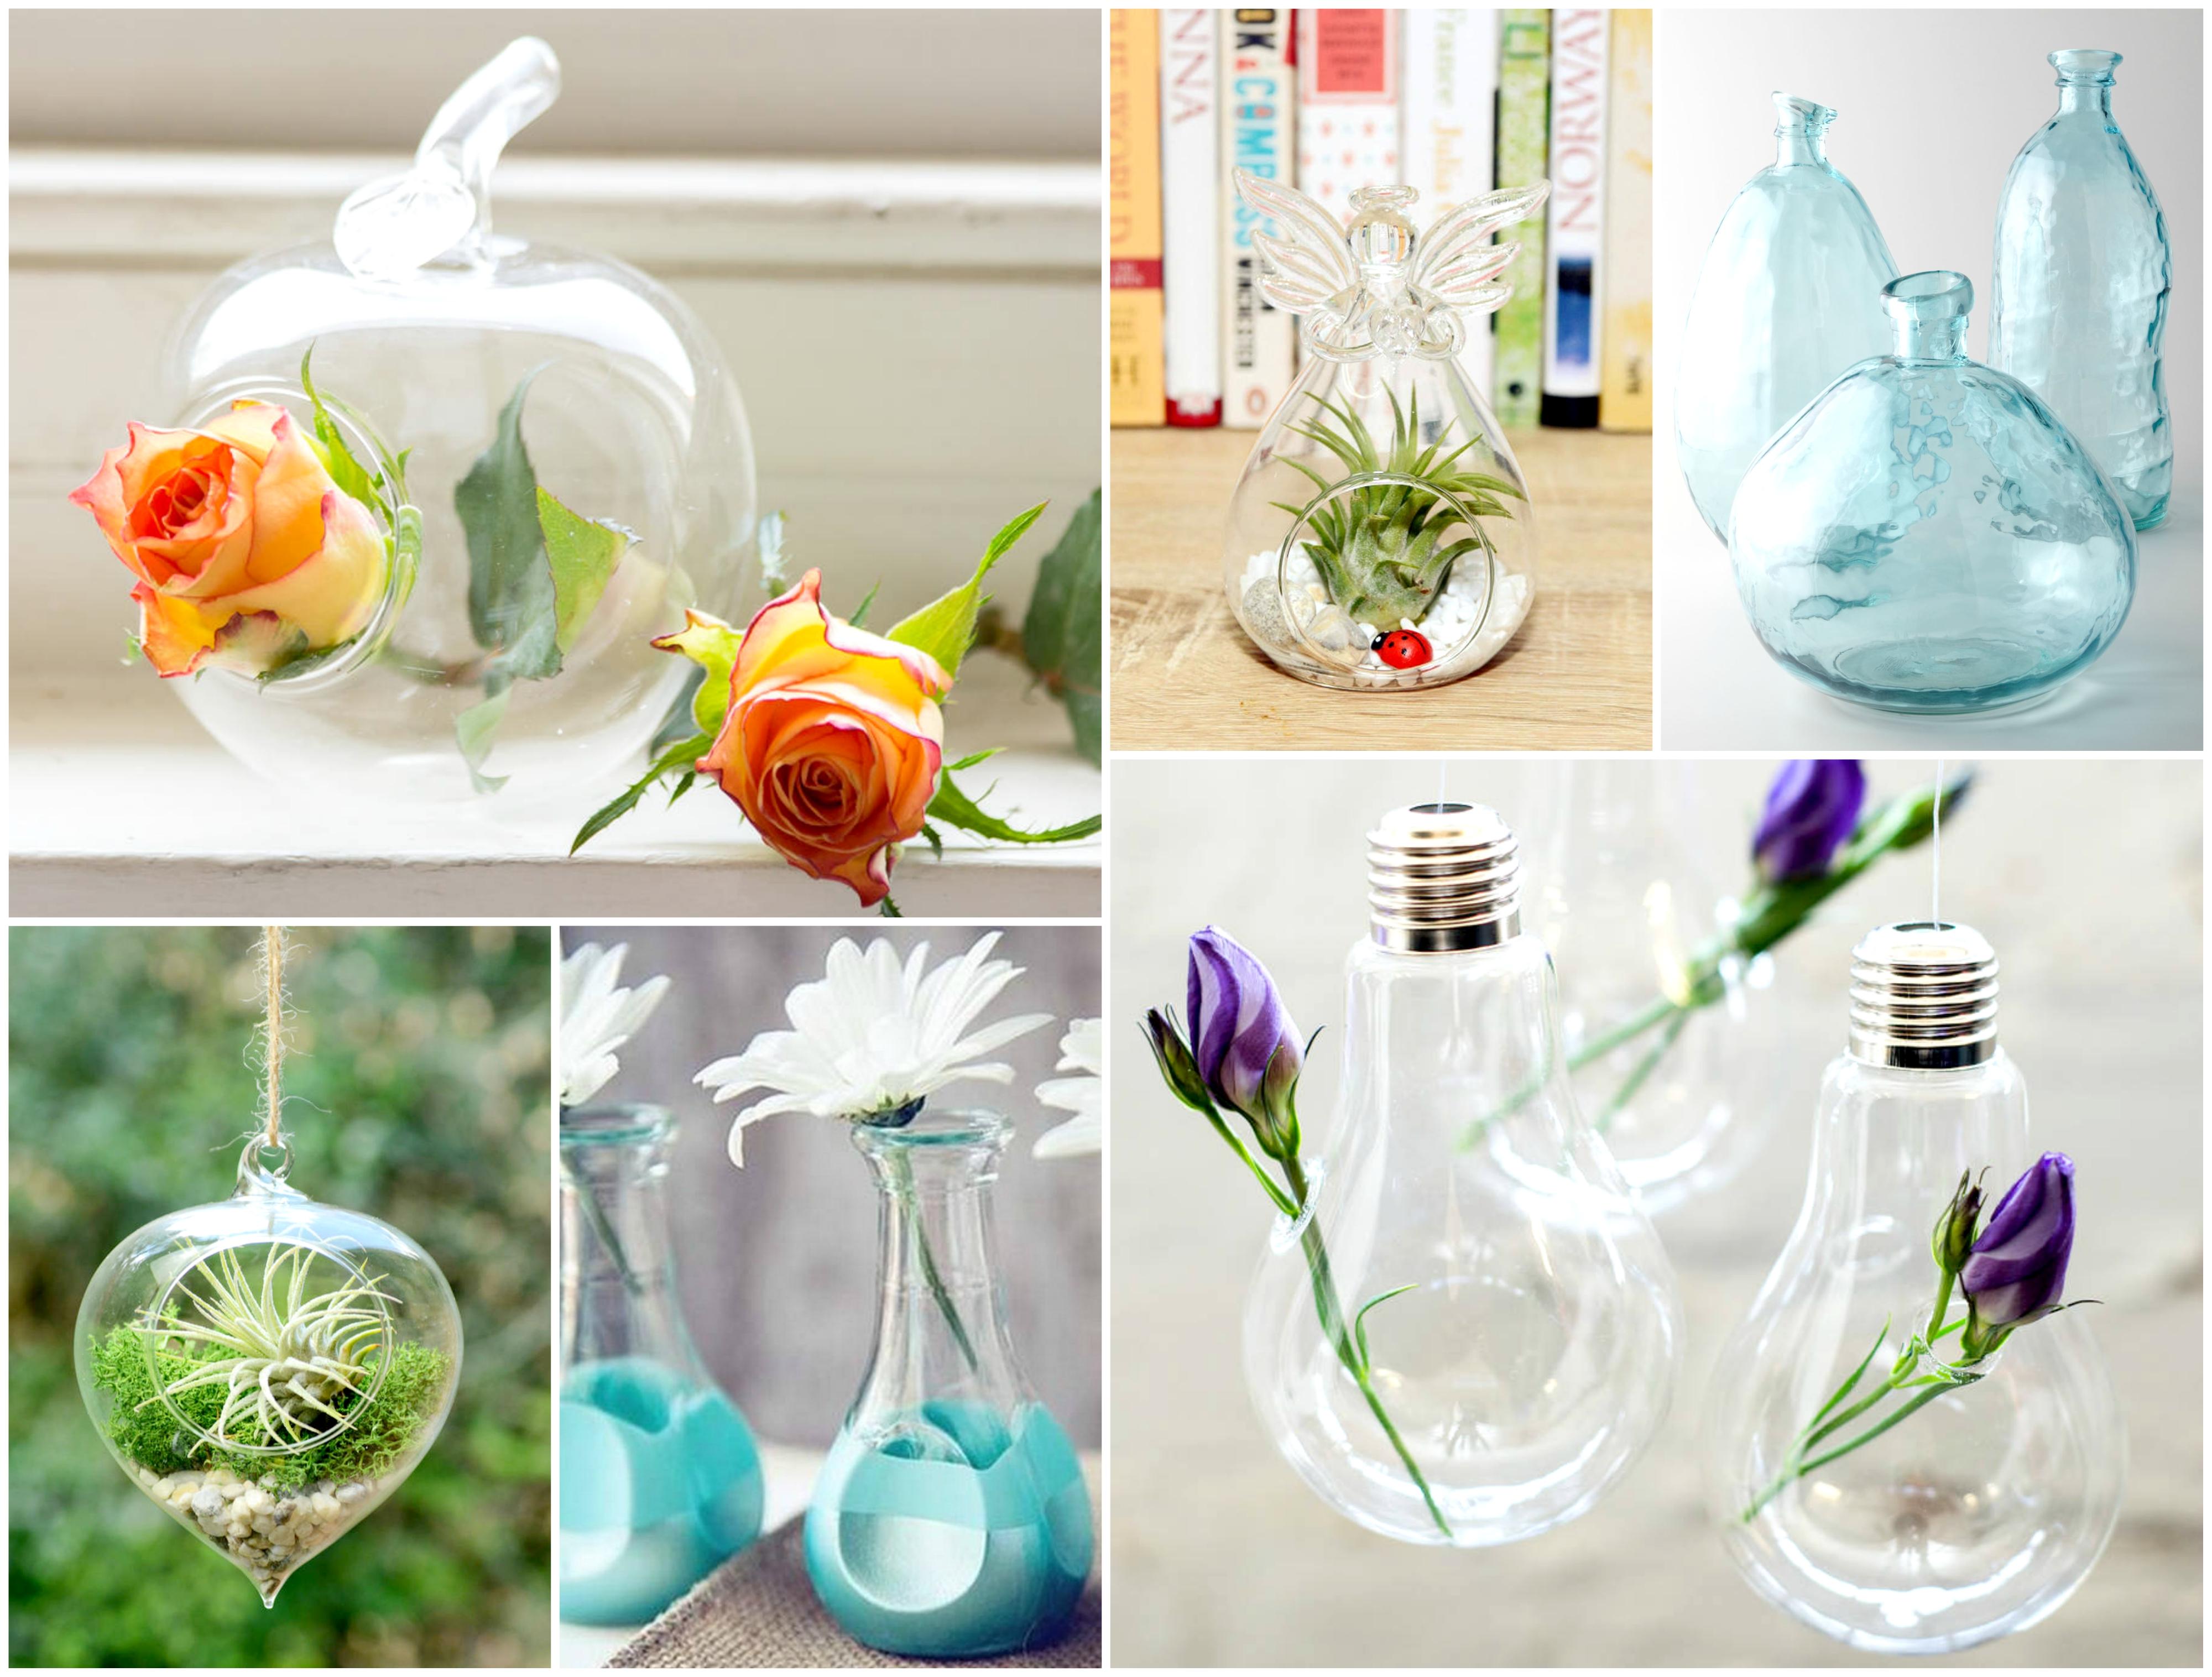 Original glass vases